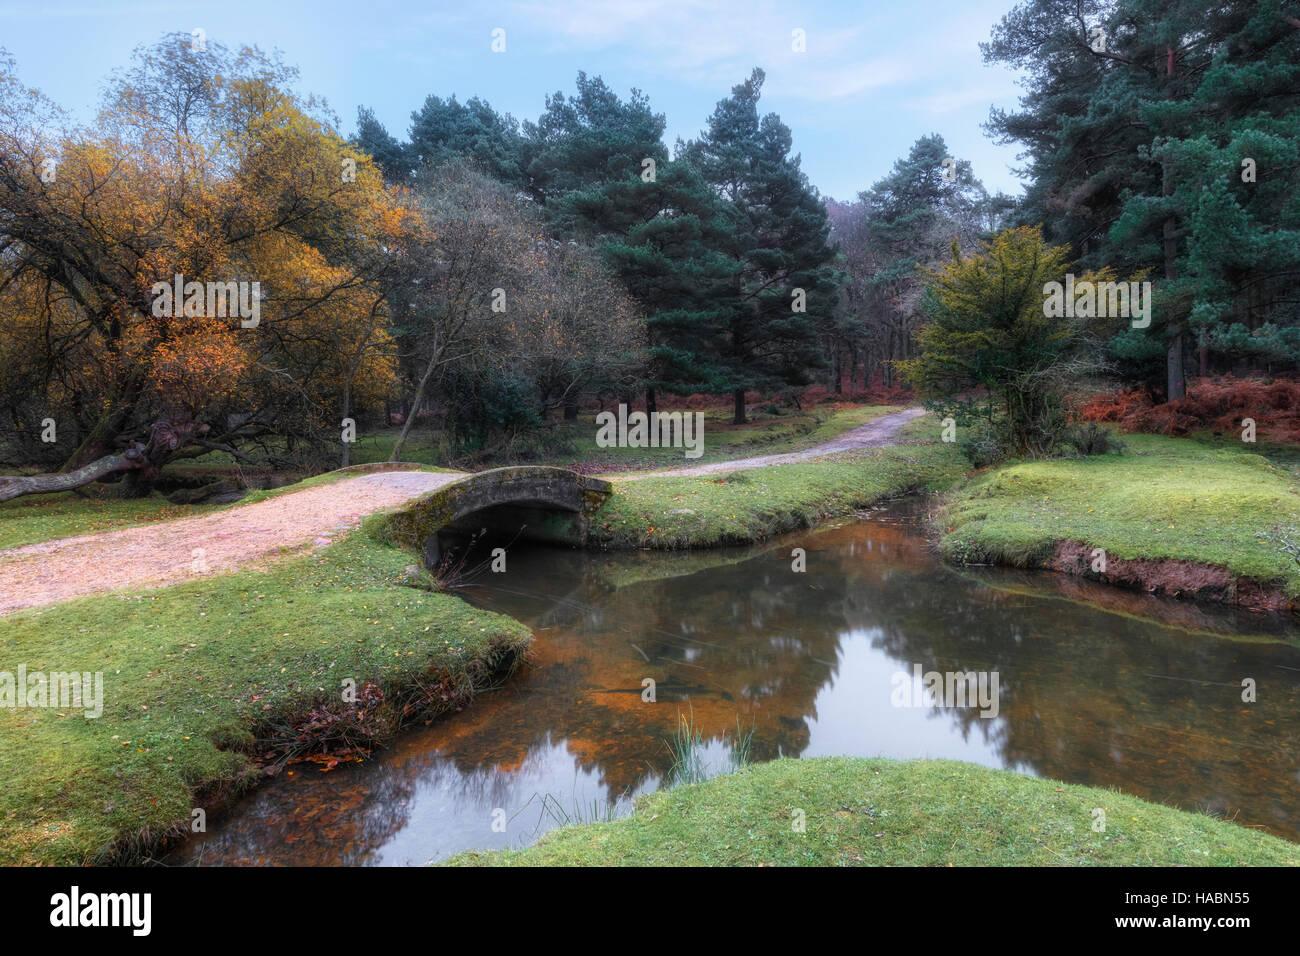 Splash Bridge, Holly Hatch Inclosure, New Forest, Hampshire, England, UK - Stock Image